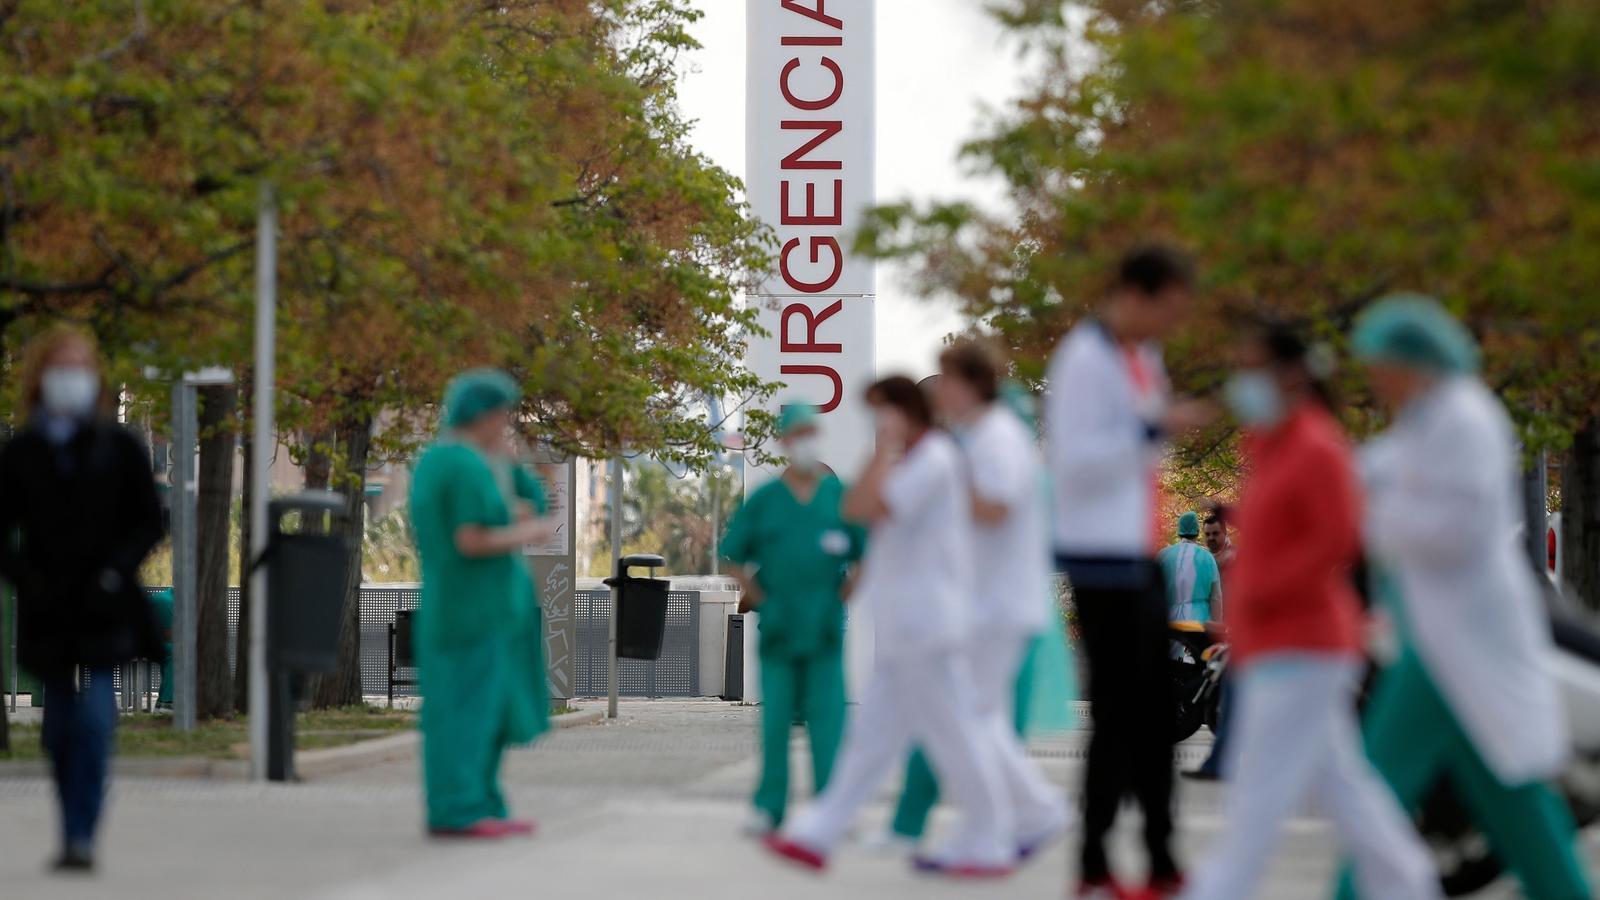 Treballadors sanitaris en les instal·lacions de l'hospital La Fe de València